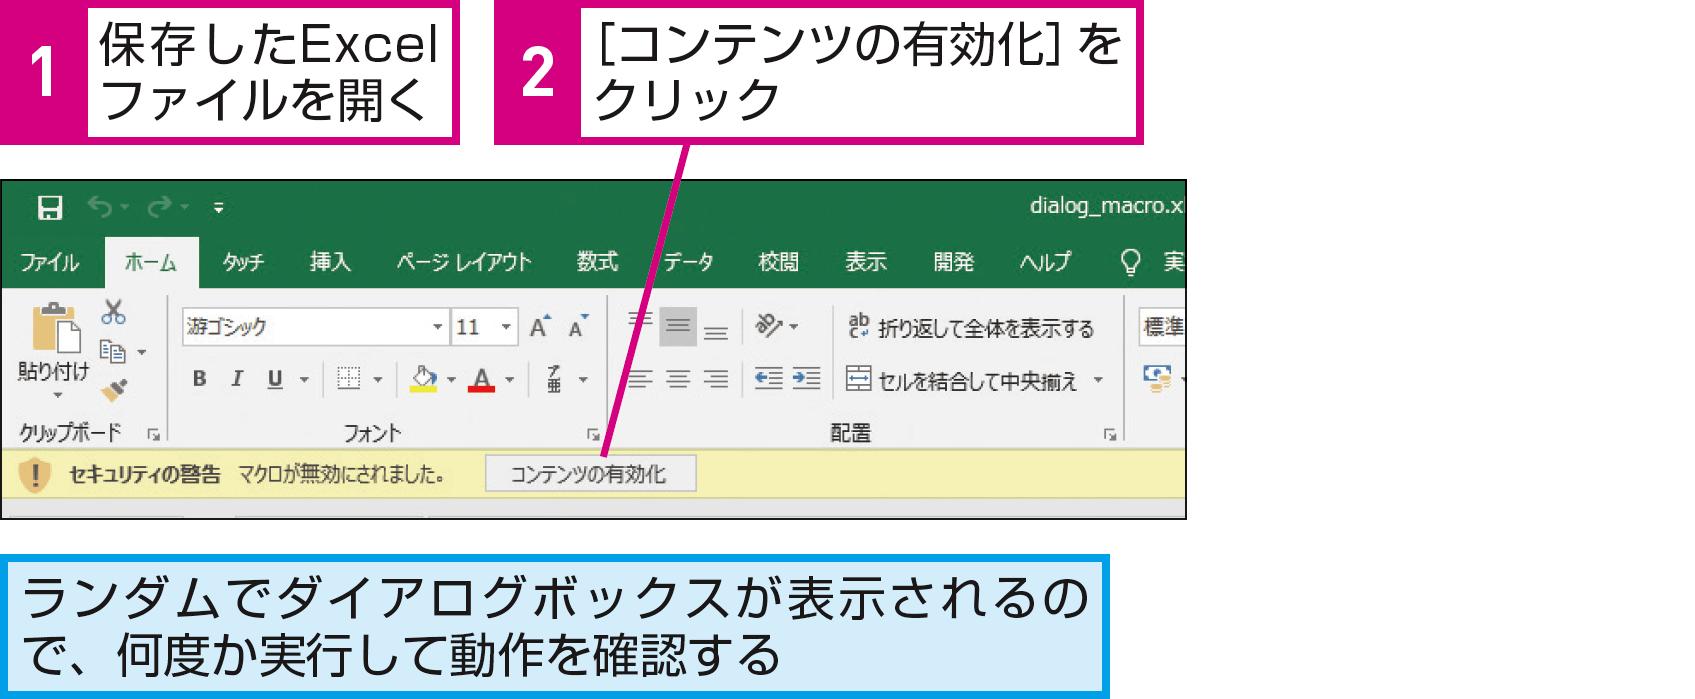 まれに表示されるポップアップ画面に対応するには(エラー発生時の設定) - できるUiPath